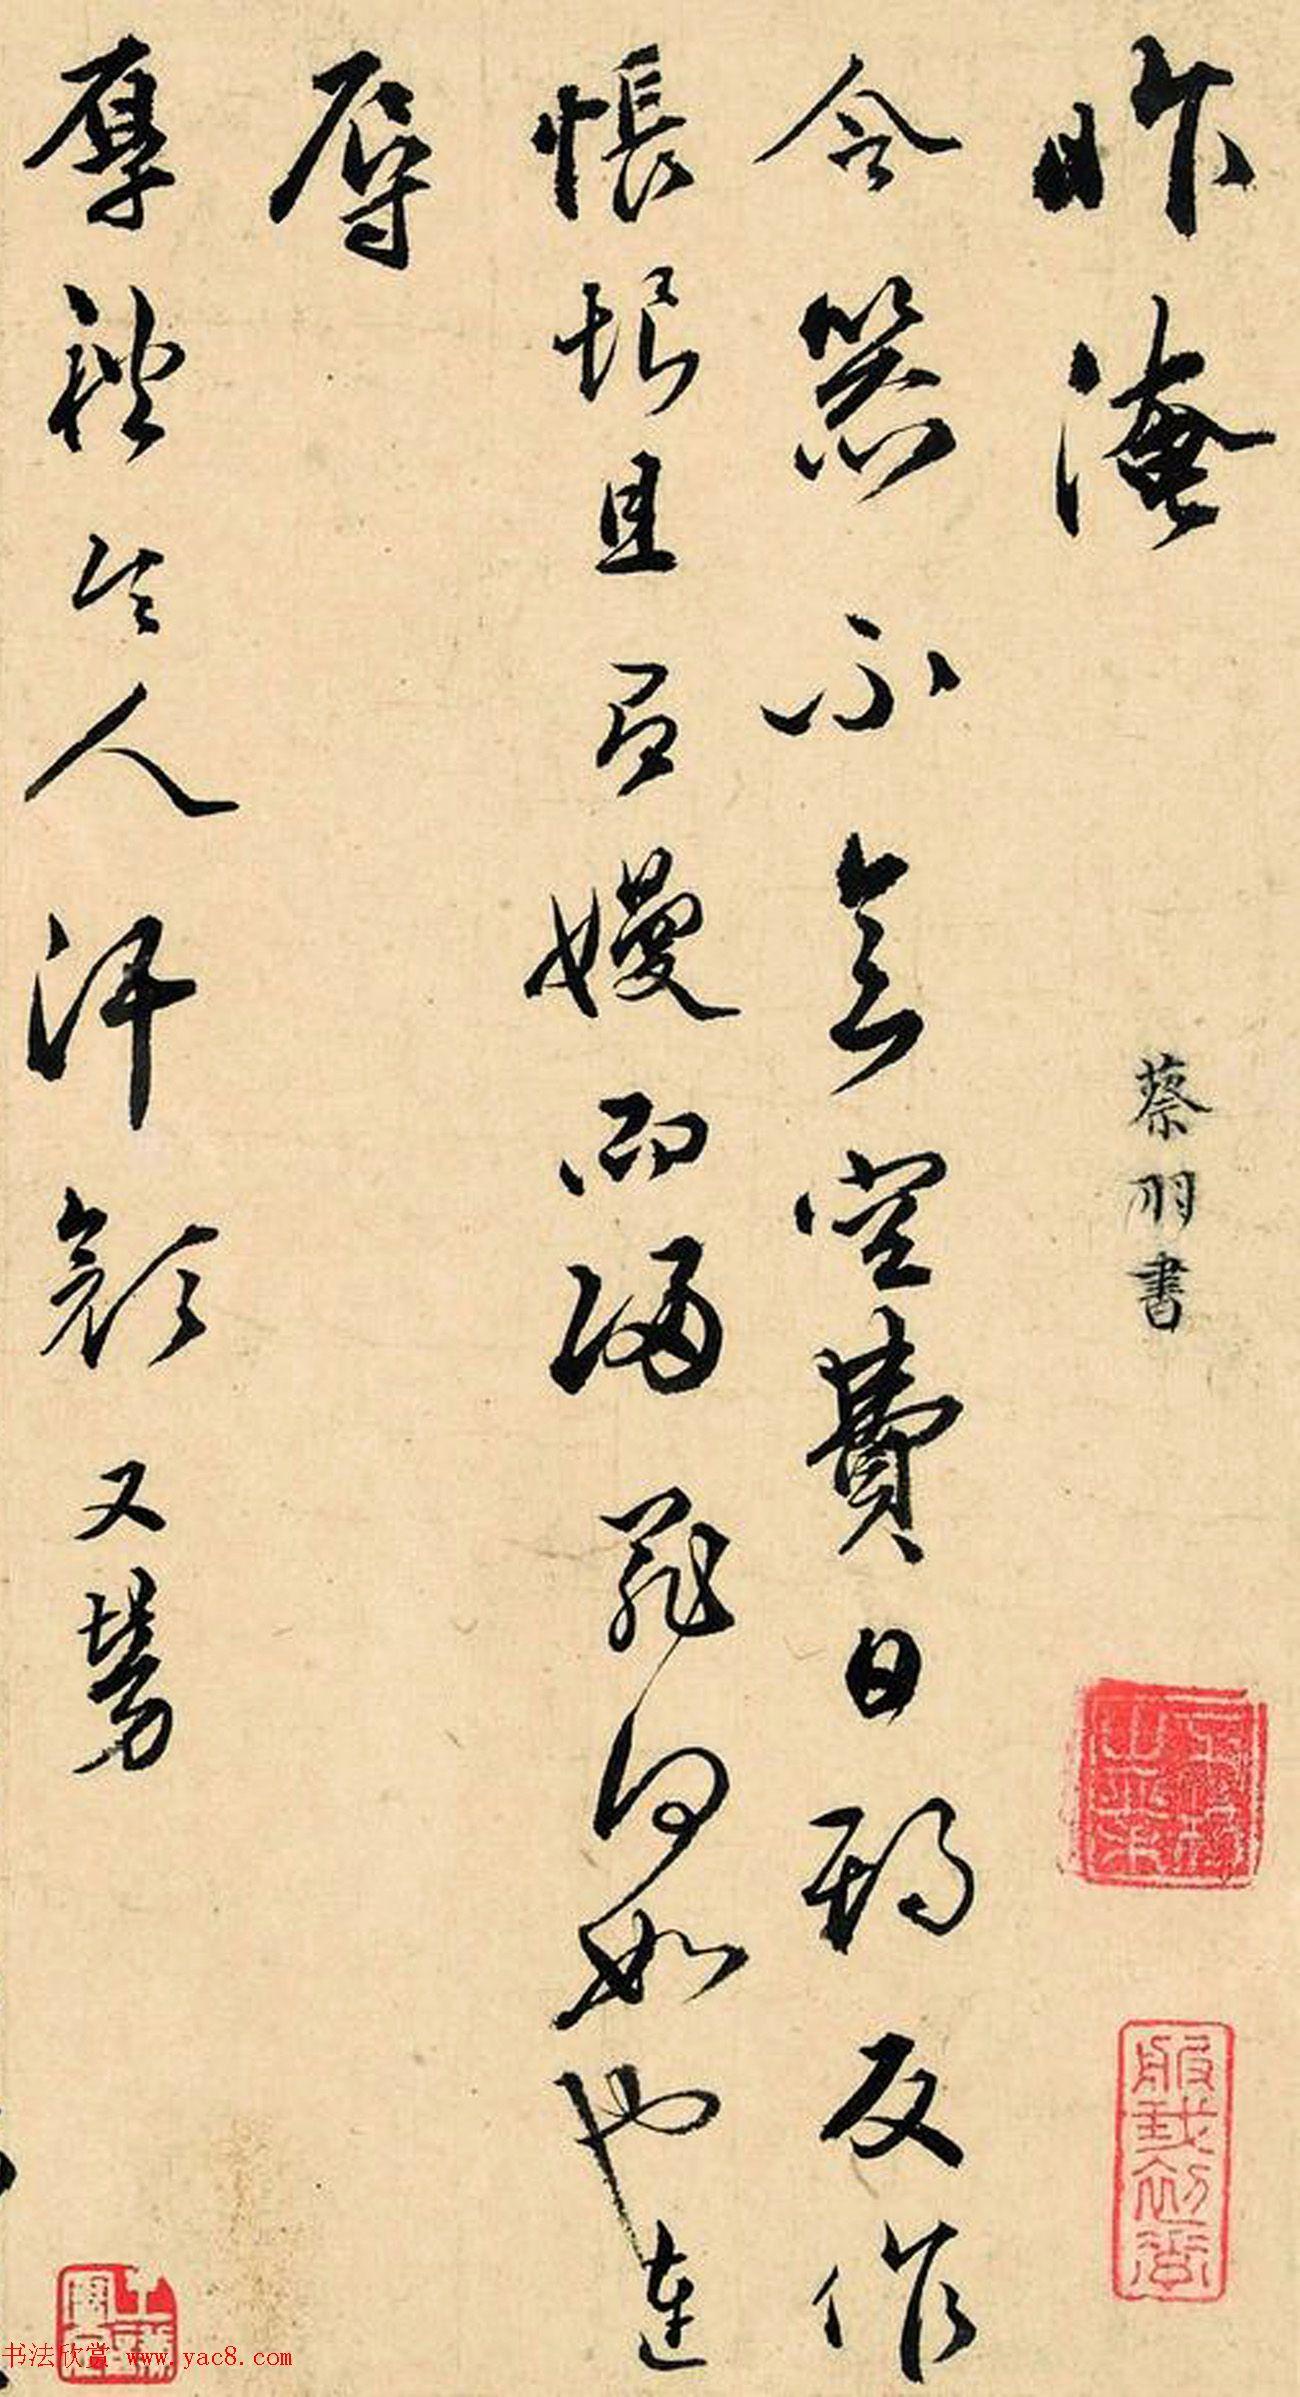 王宠的书法老师蔡羽书札专辑